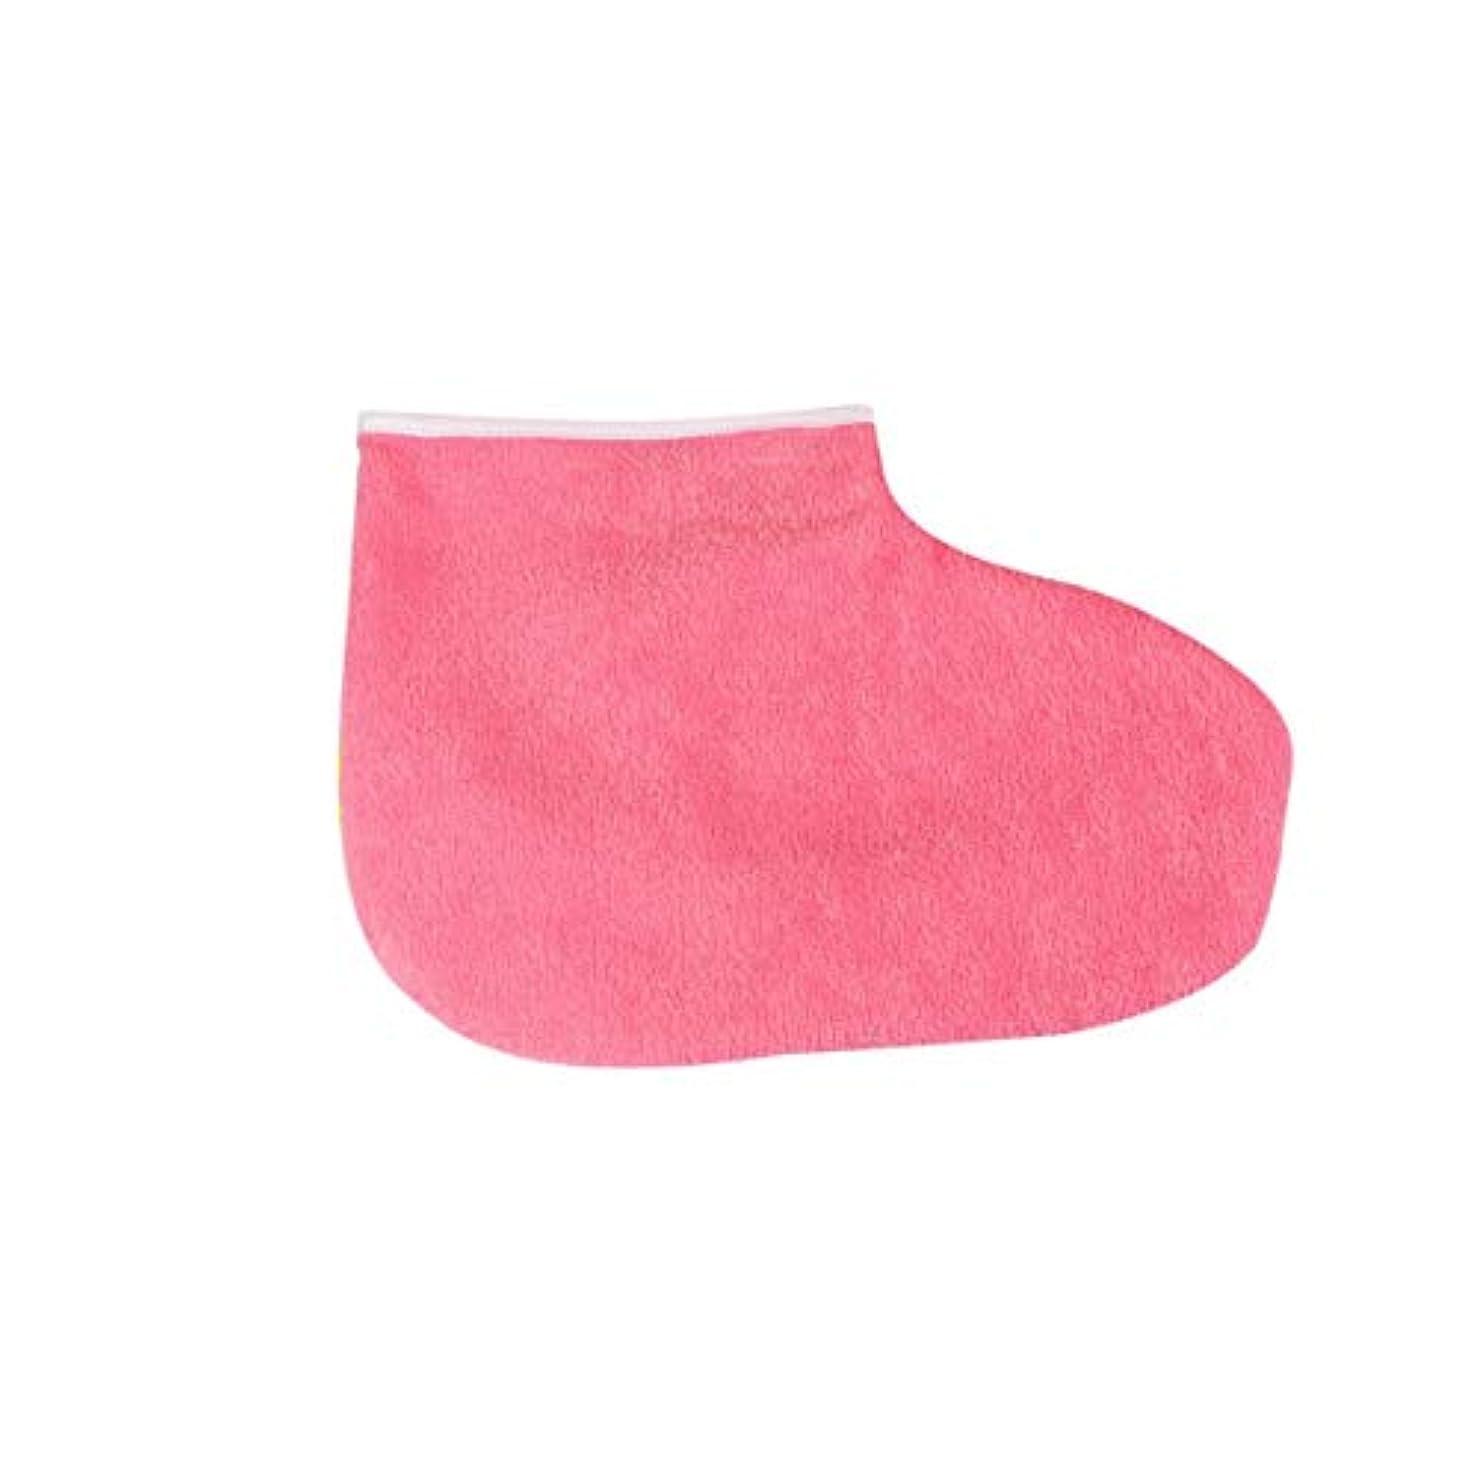 病者器用アブセイIntercorey 1ペアパラフィンワックス保護フットマスク手袋足肌保湿スリーブ美白角質除去ソックス